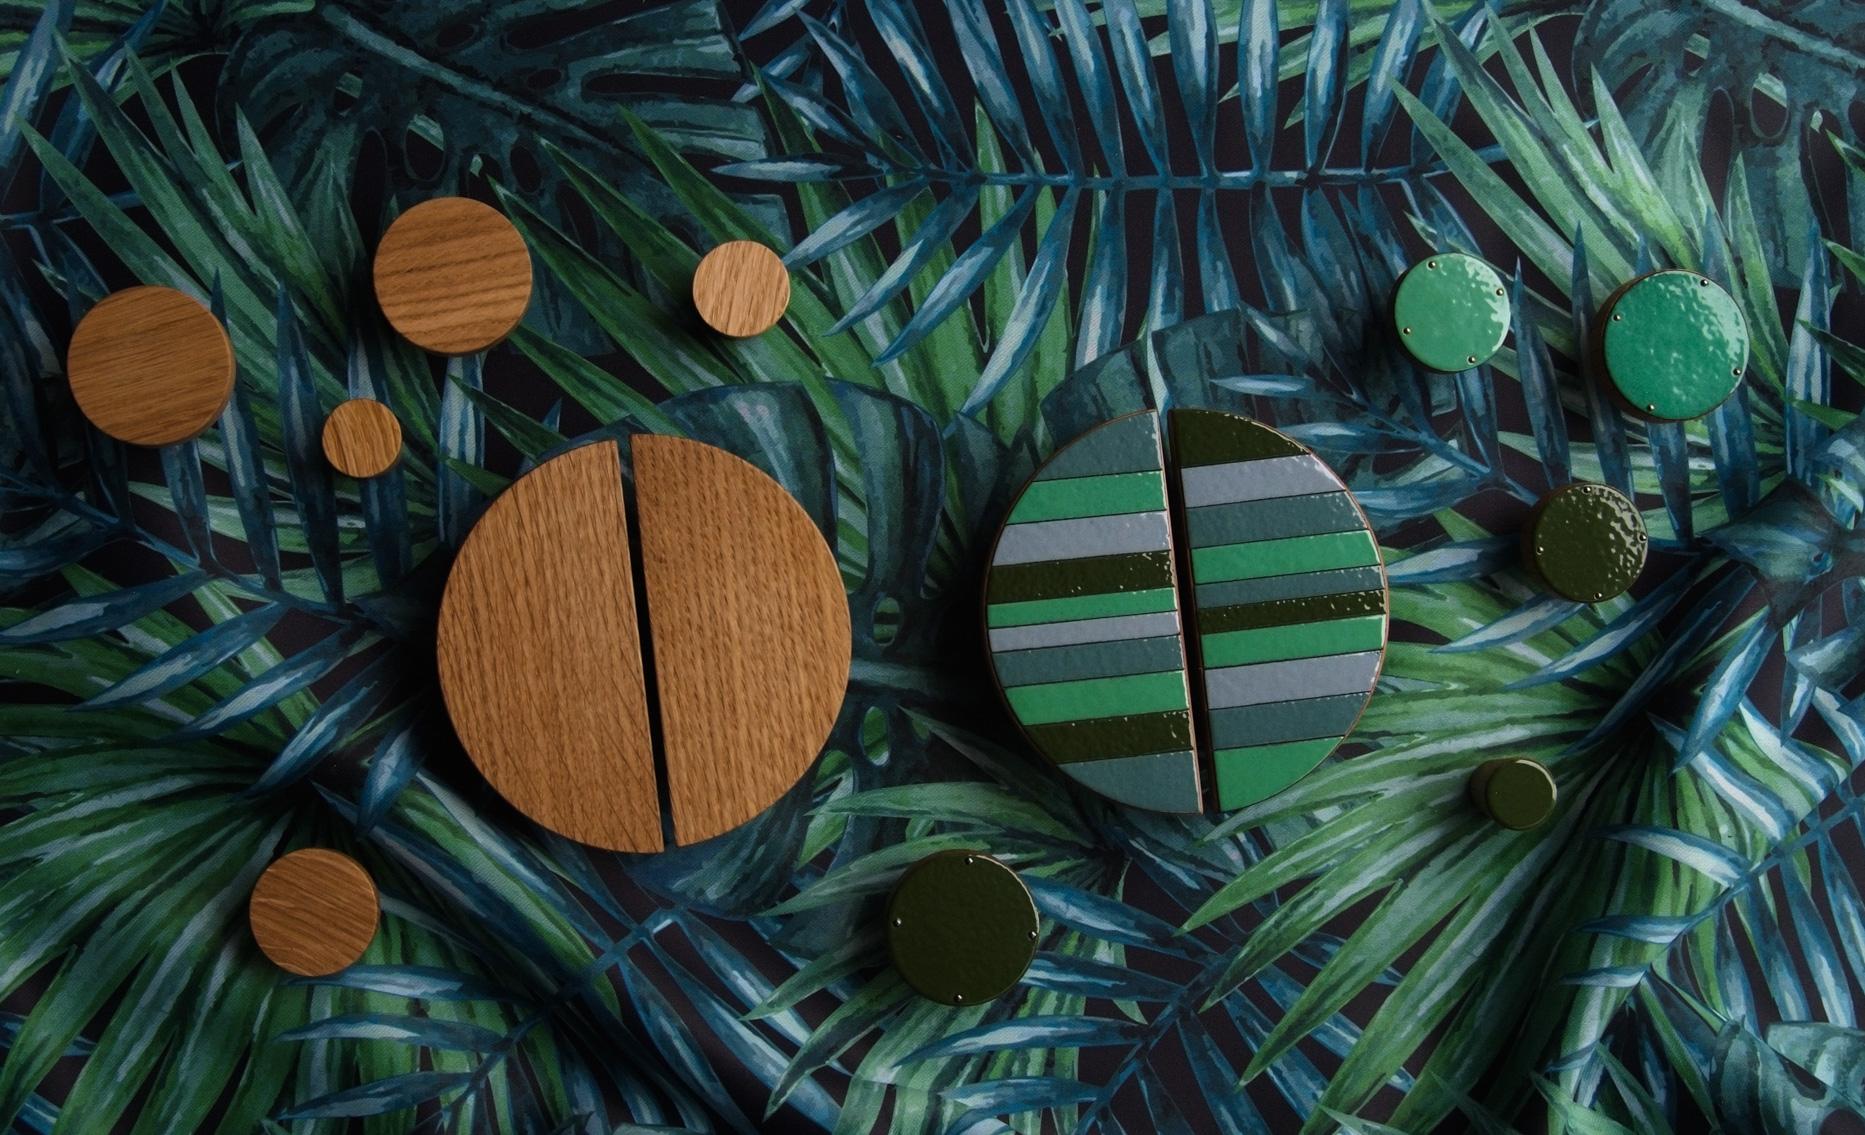 Uchwyty do mebli drewniane i emaliowane, BASIC i TONES